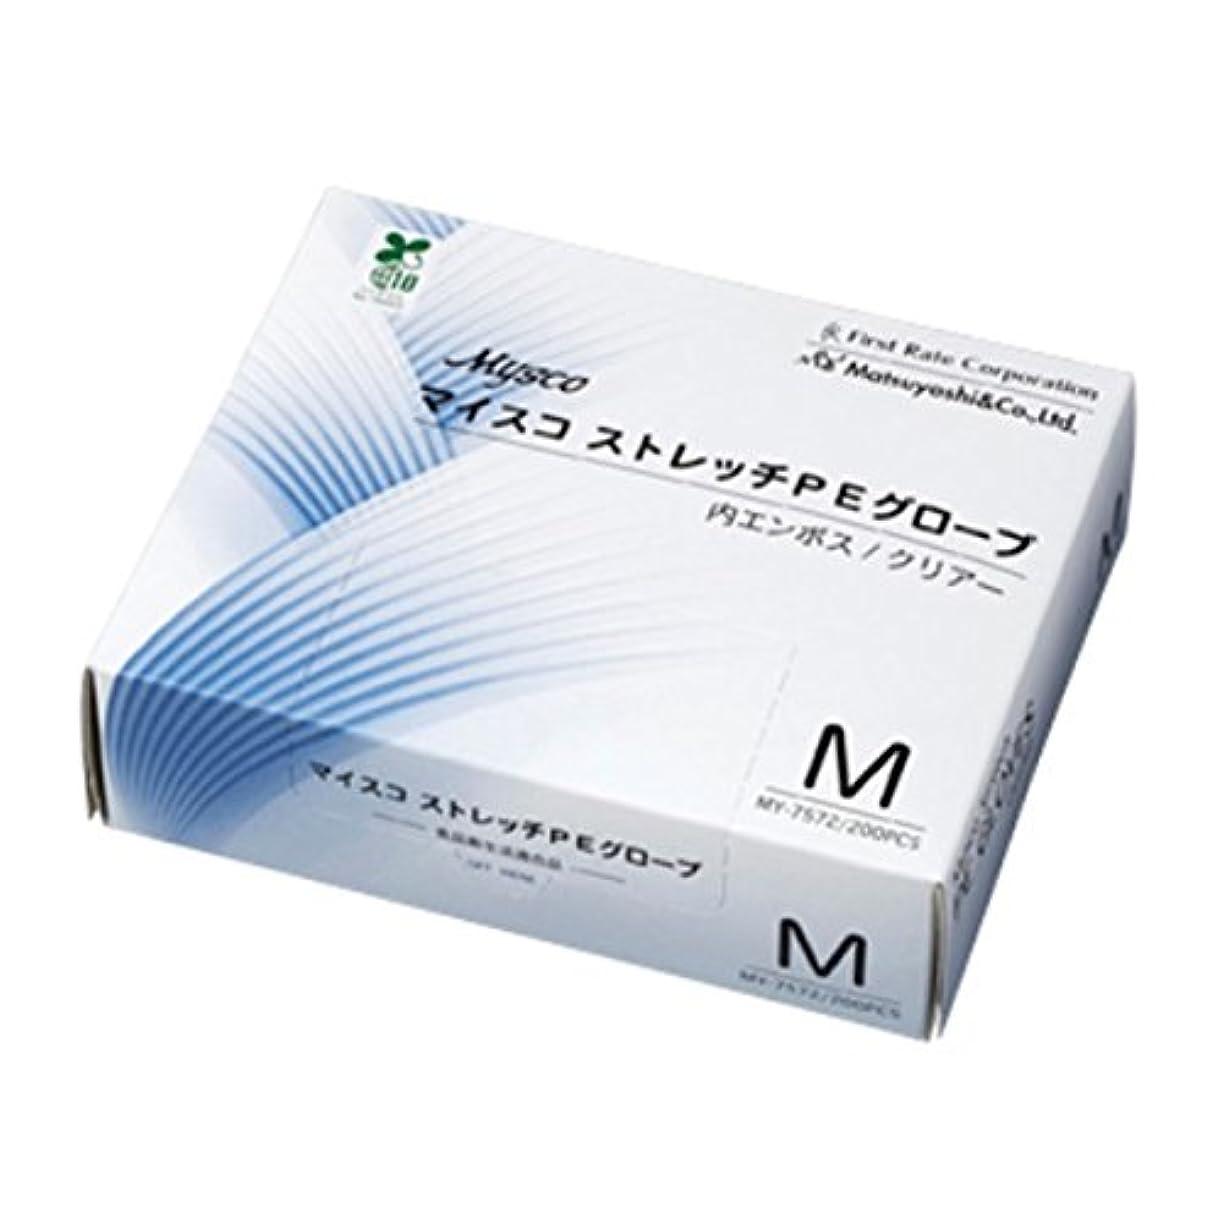 【ケース販売】マイスコ ストレッチPEグローブ M 200枚入×40箱